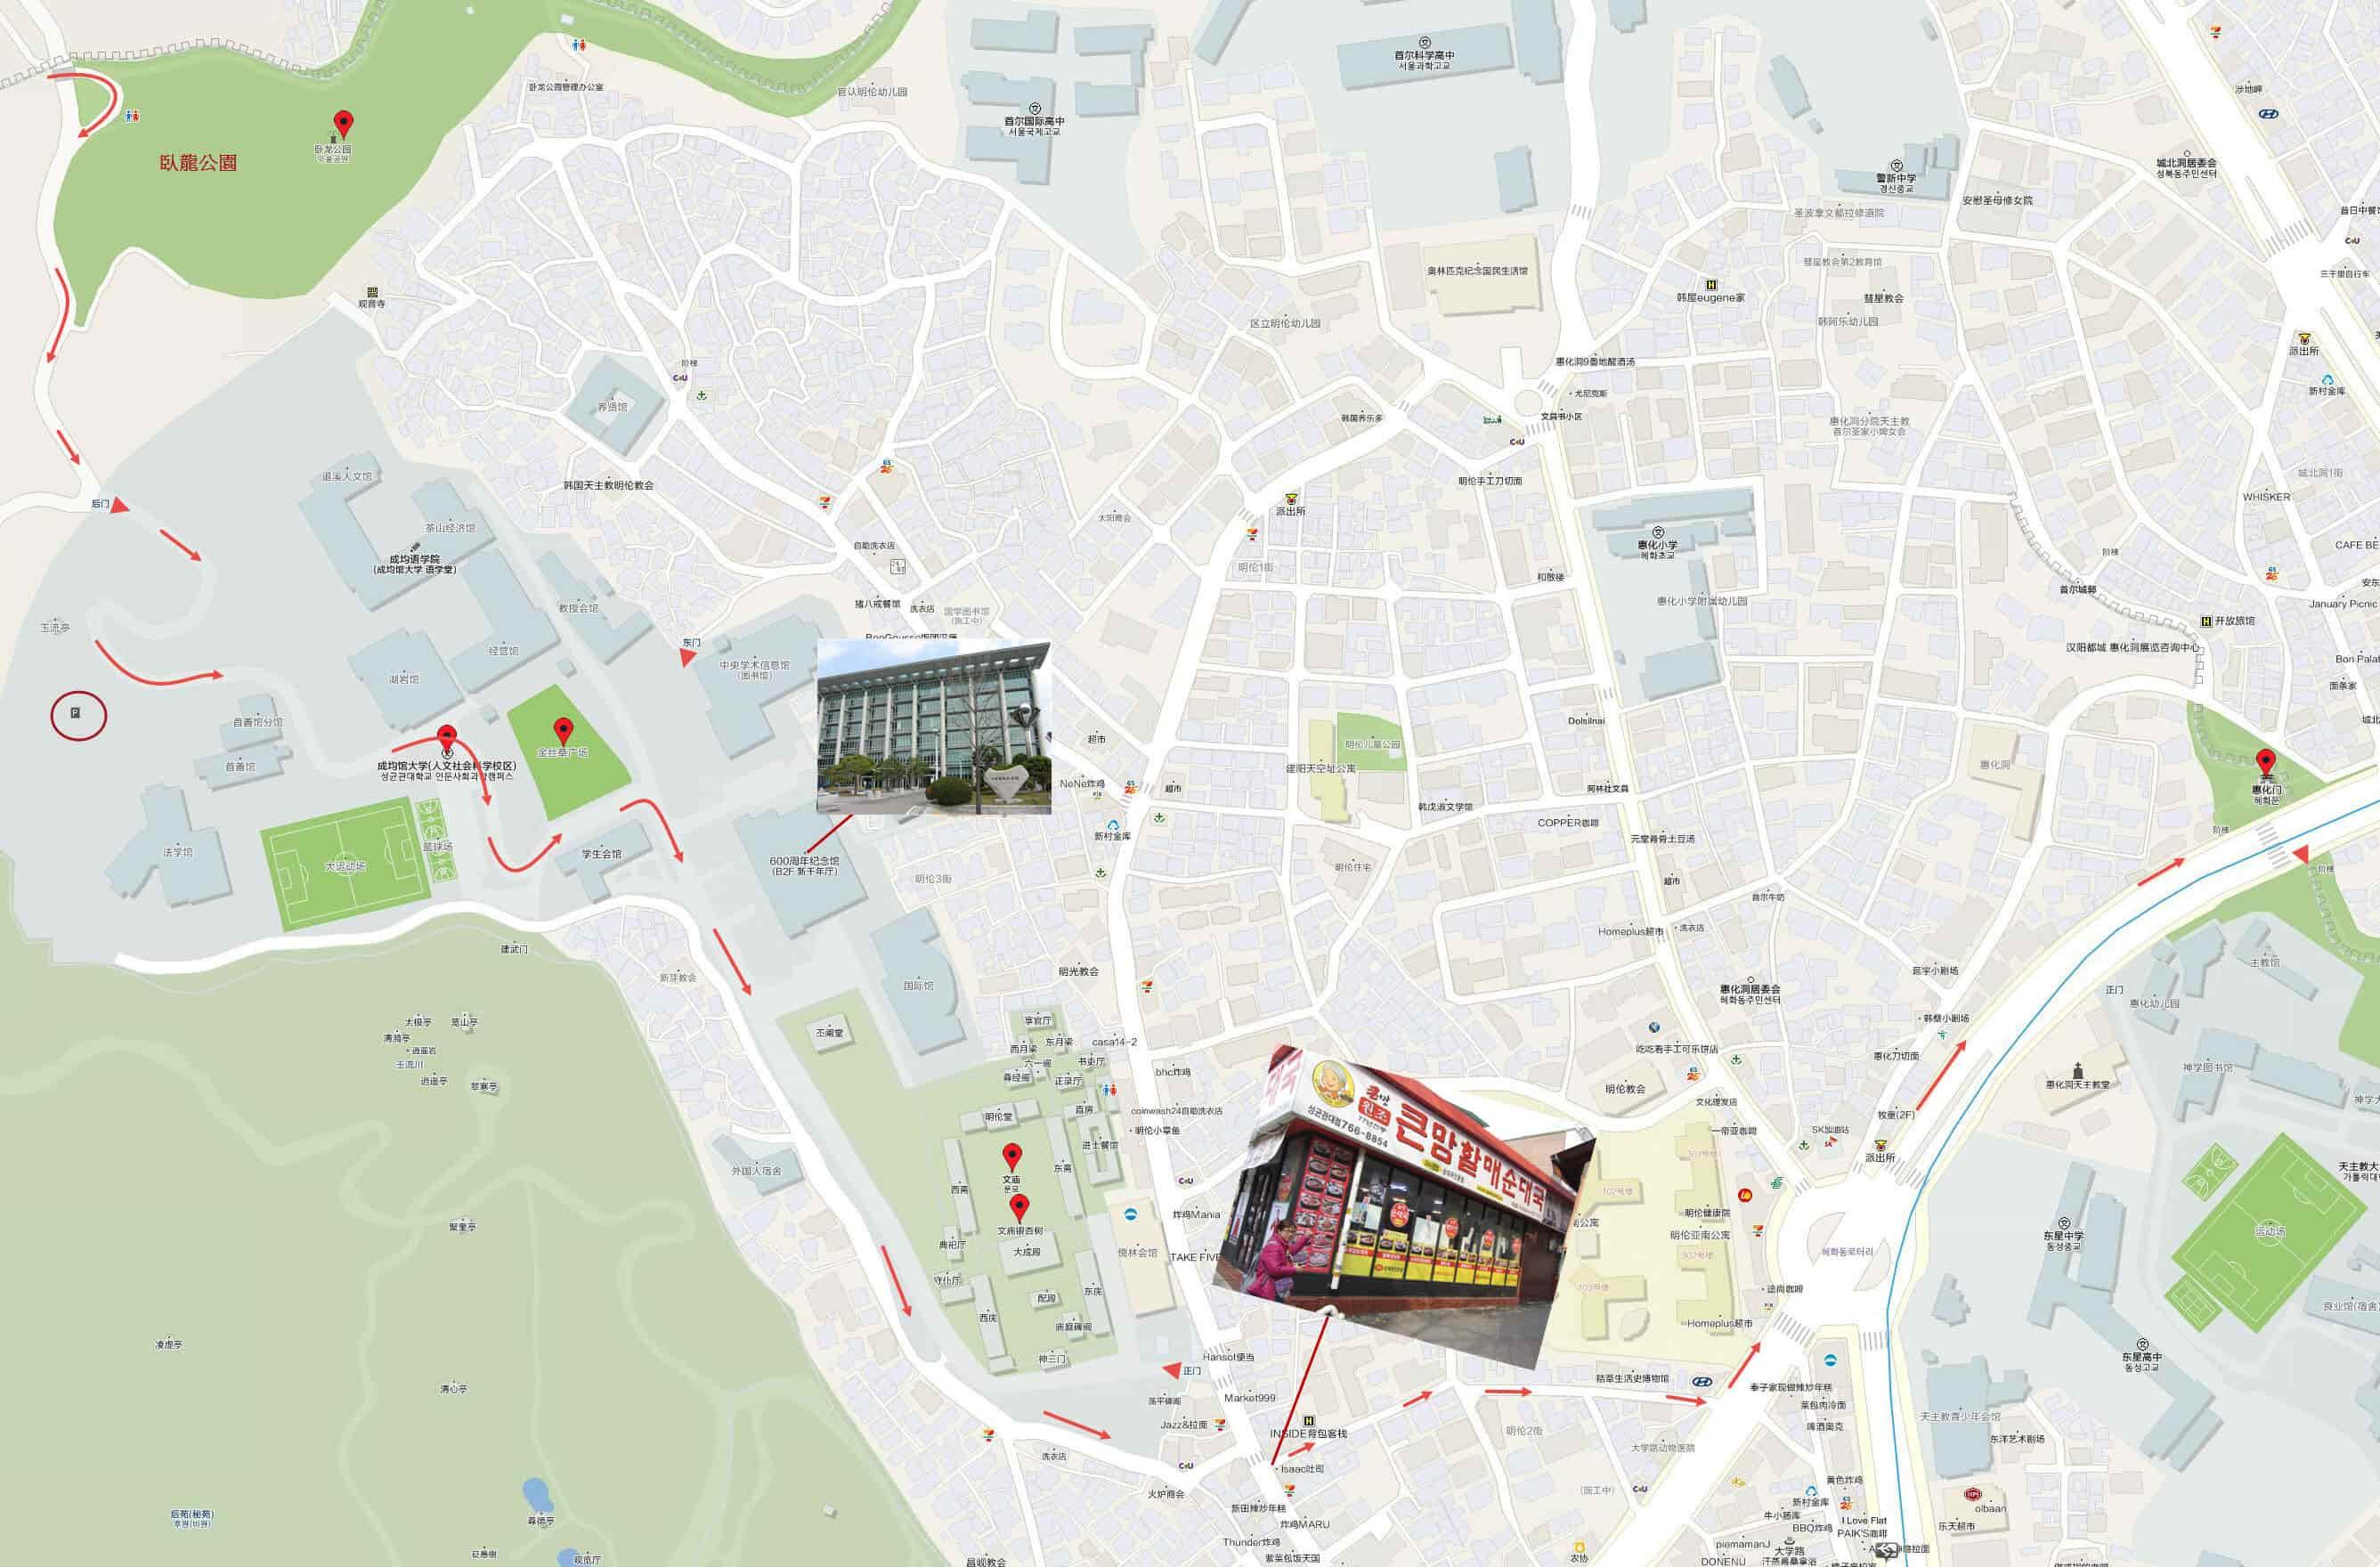 從臥龍公園穿越成均館大學 到惠化門 地圖